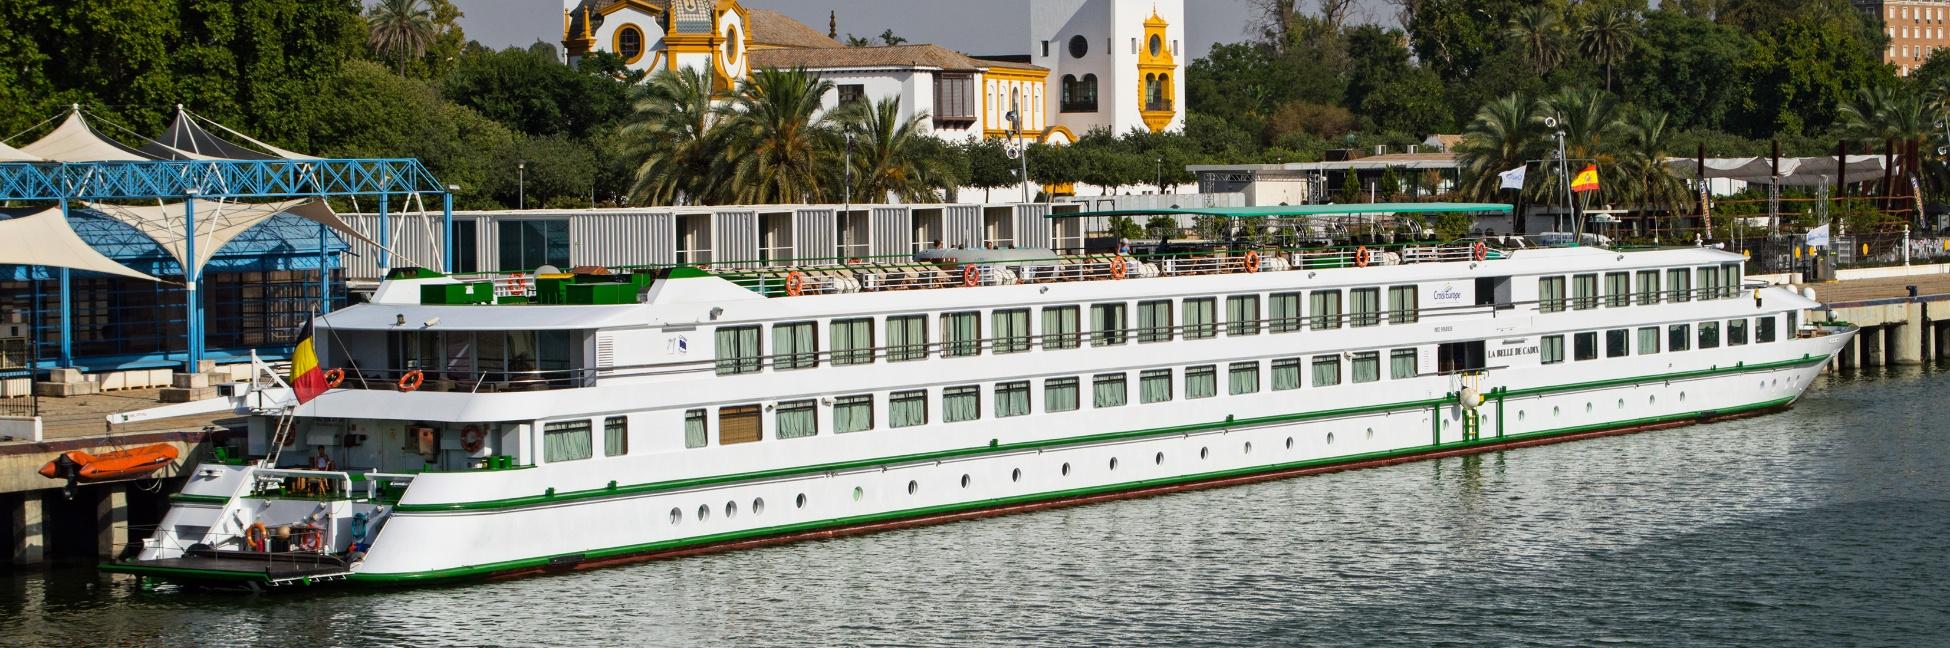 Crucero Fluvial Sevilla Cordoba y Granada Vacaciones SIngles